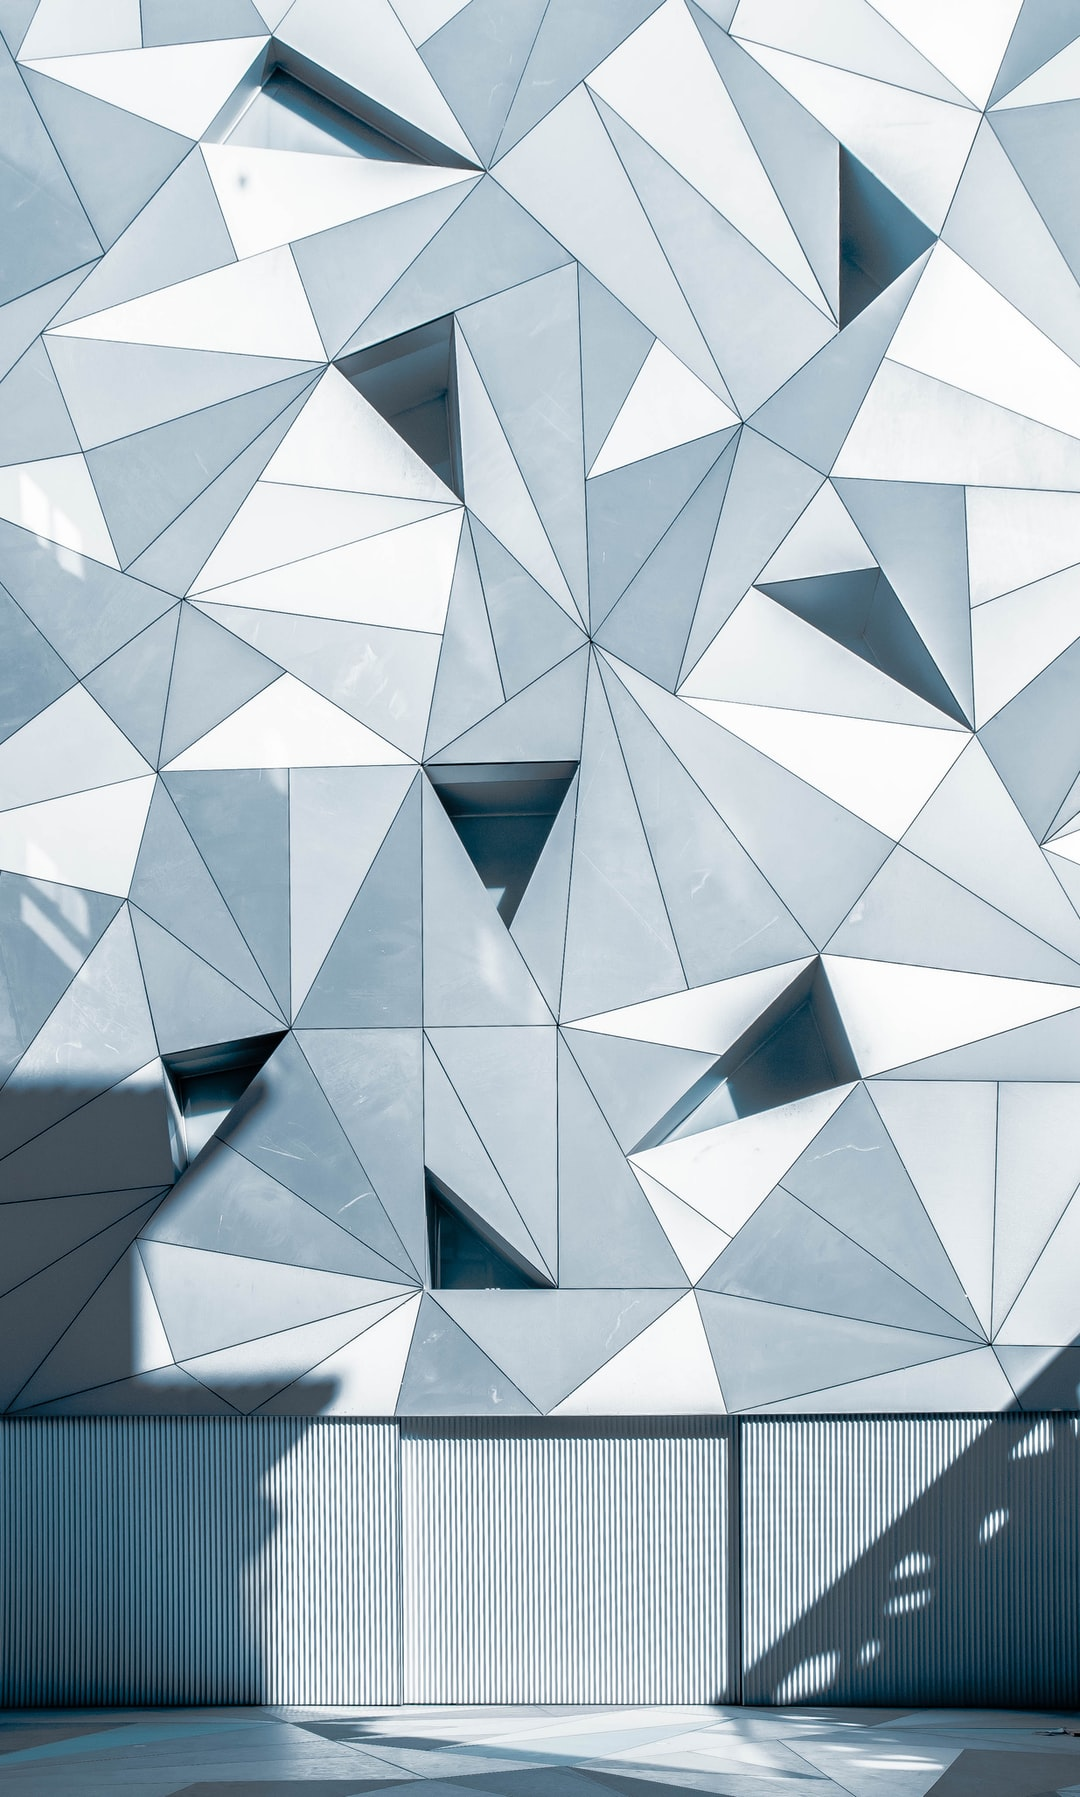 Gray triangles on a facade